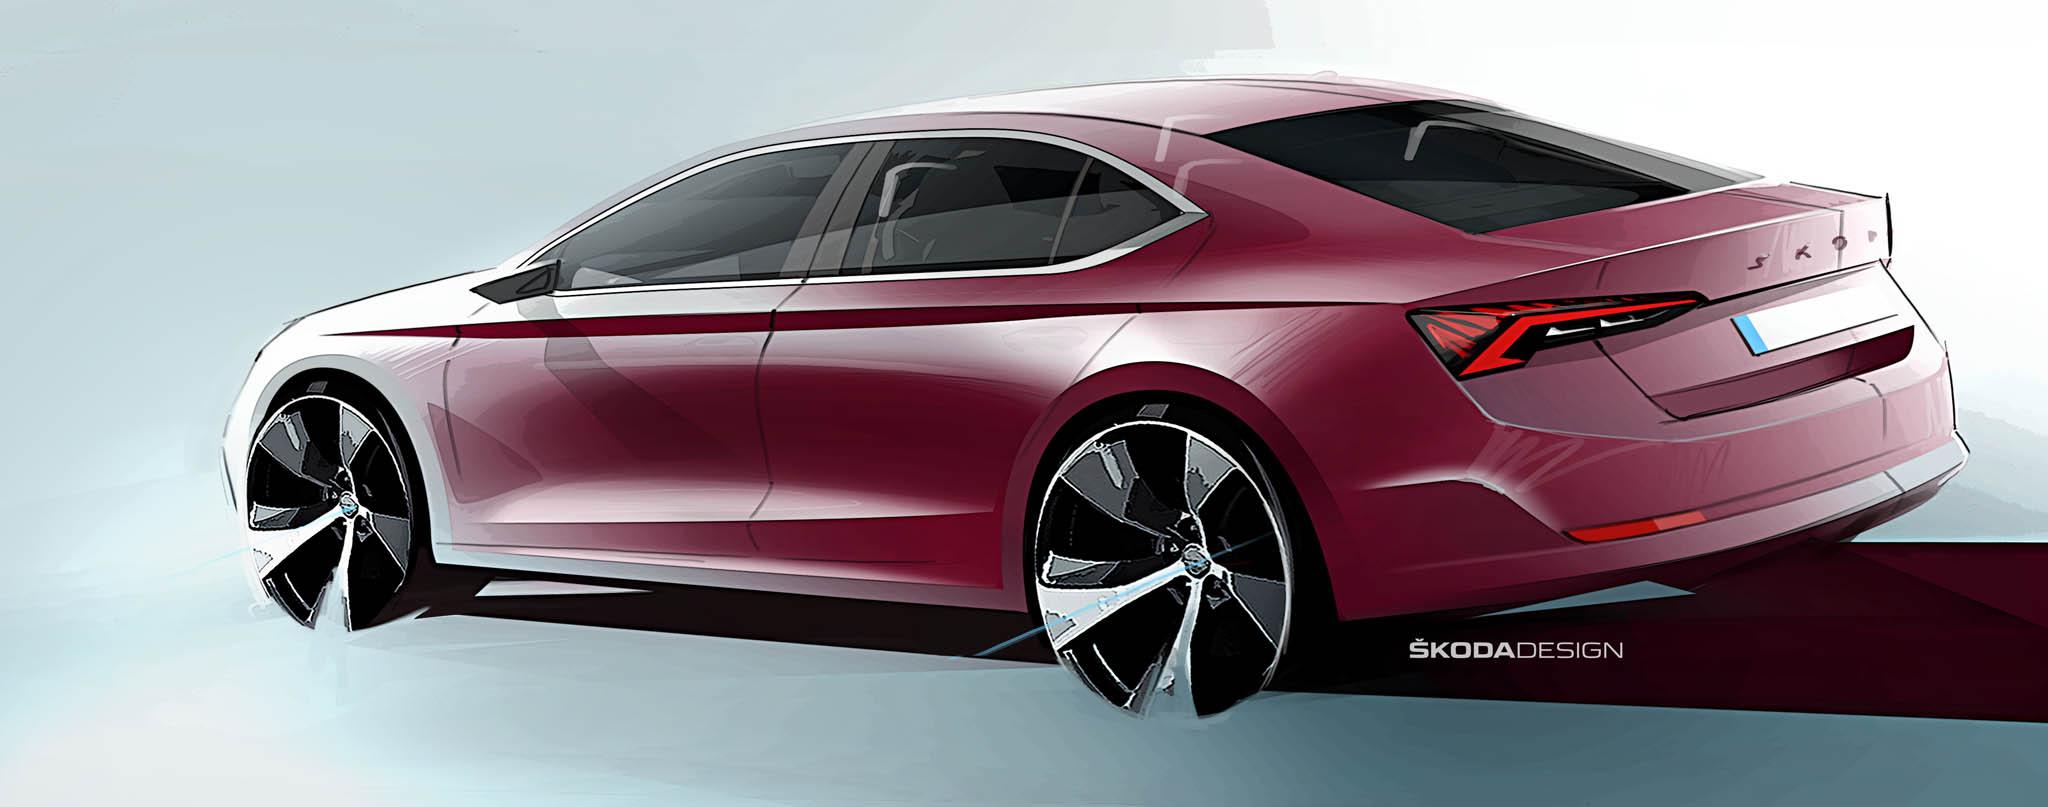 Nová Octavia se tvarově přiblíží kupé, ukáže se v listopadu.